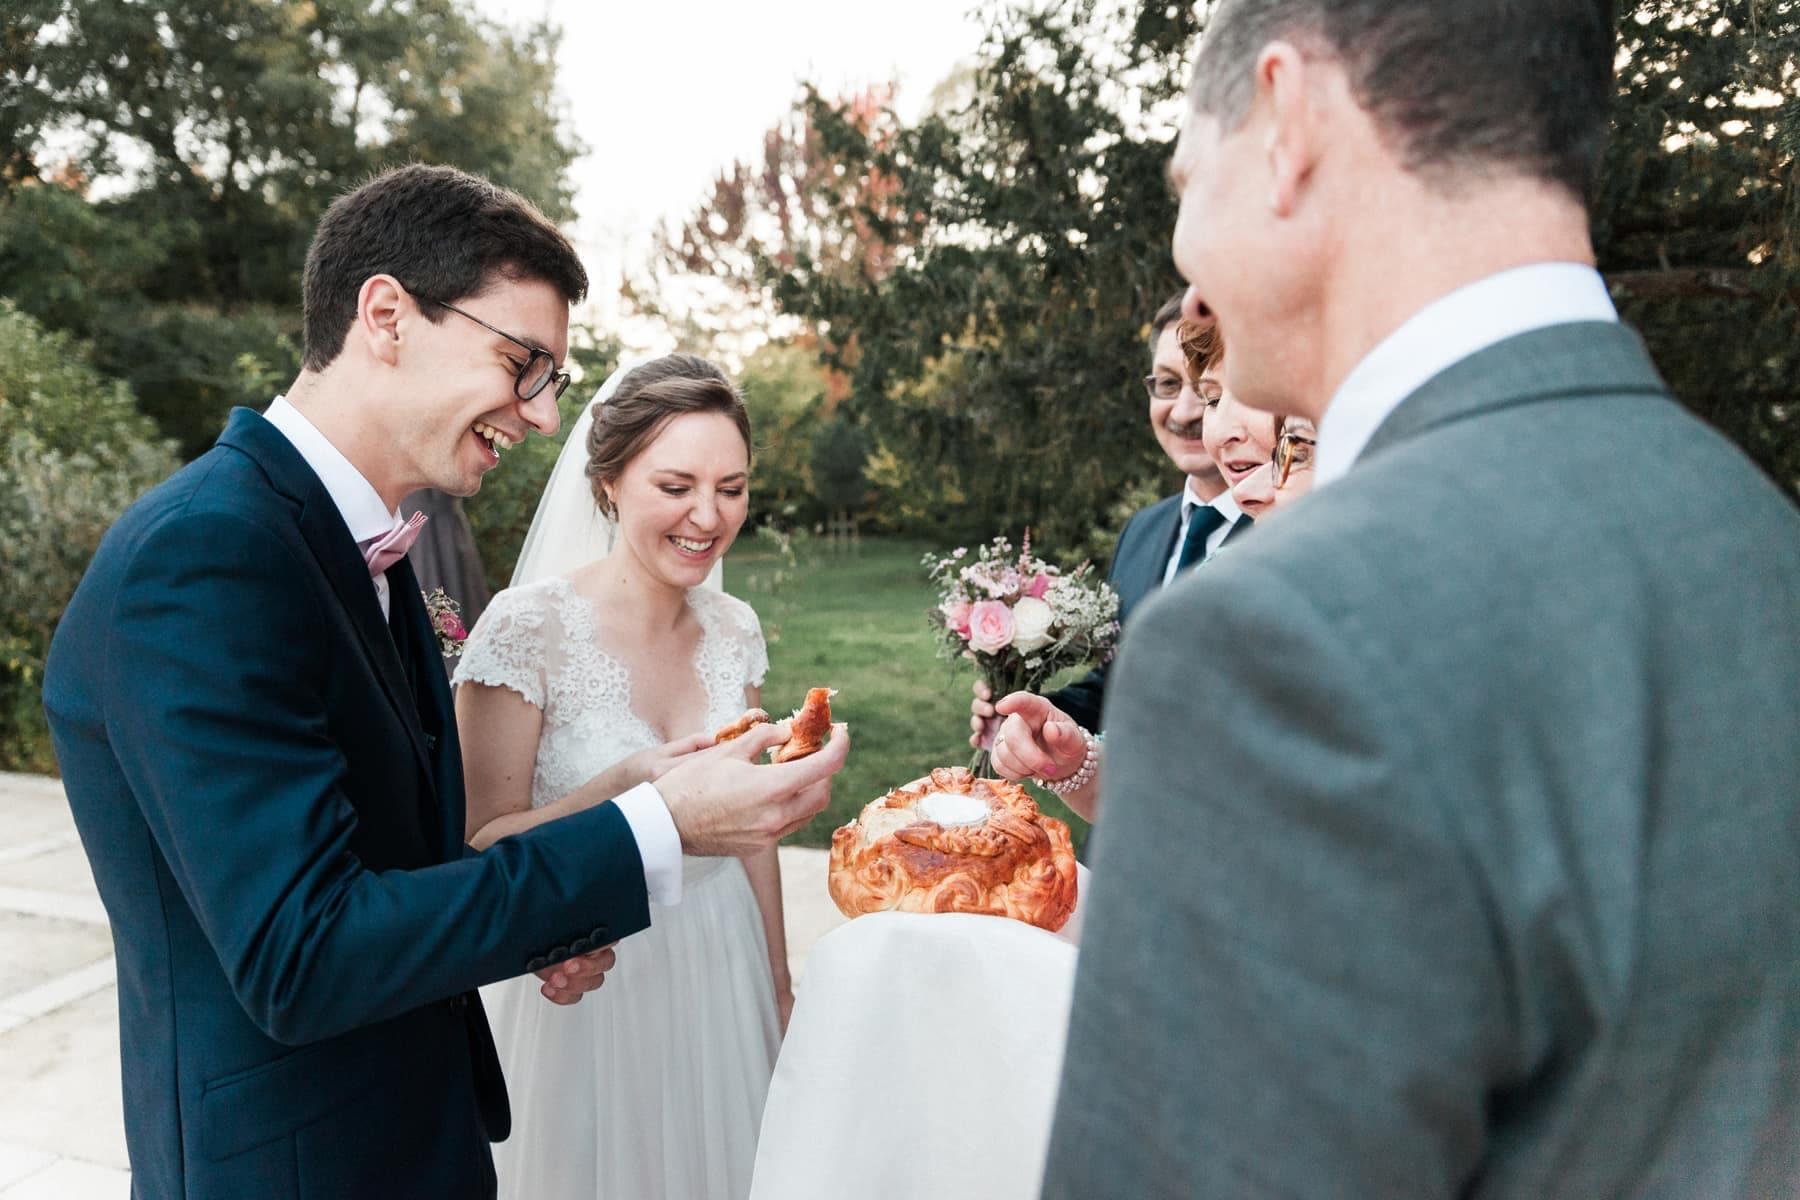 Mariage franco russe à Bordeaux : Tradition russe, le karavaï, l'offrande du pain et du sel